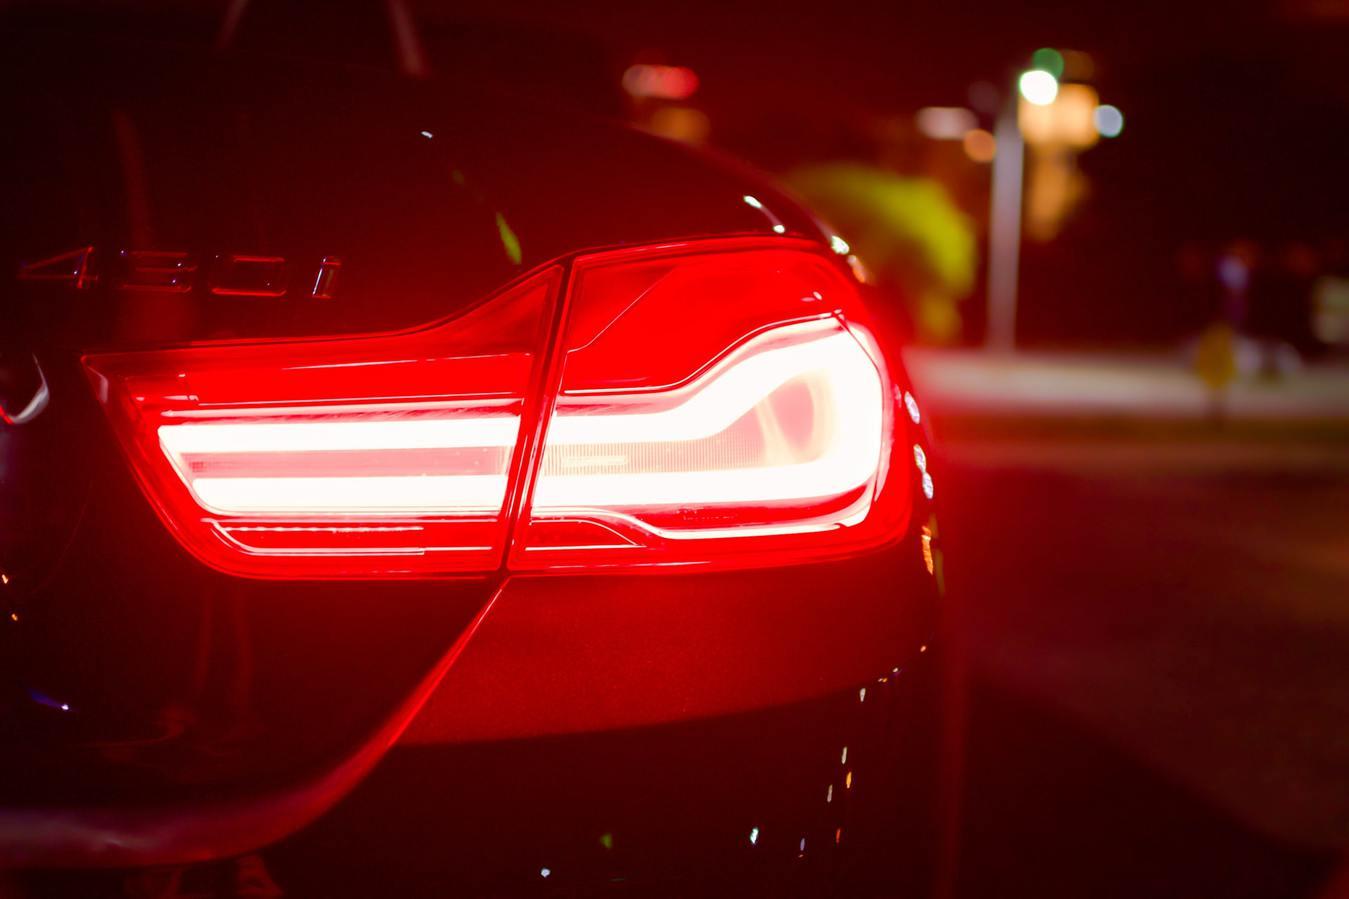 Lampu belakang mobil di malam hari